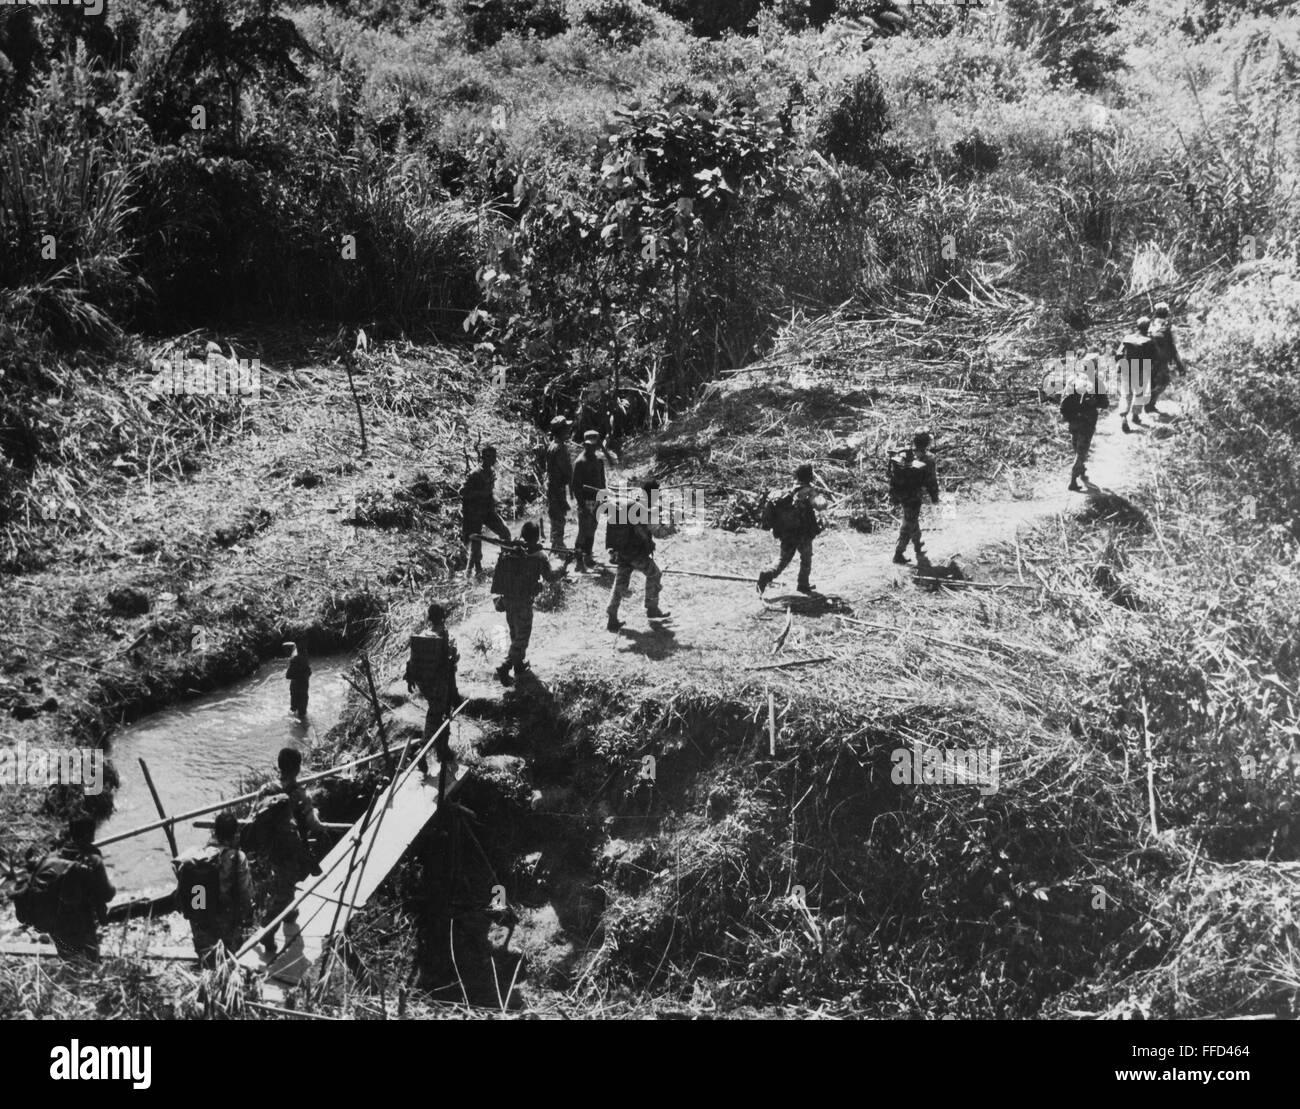 1964 in the Vietnam War